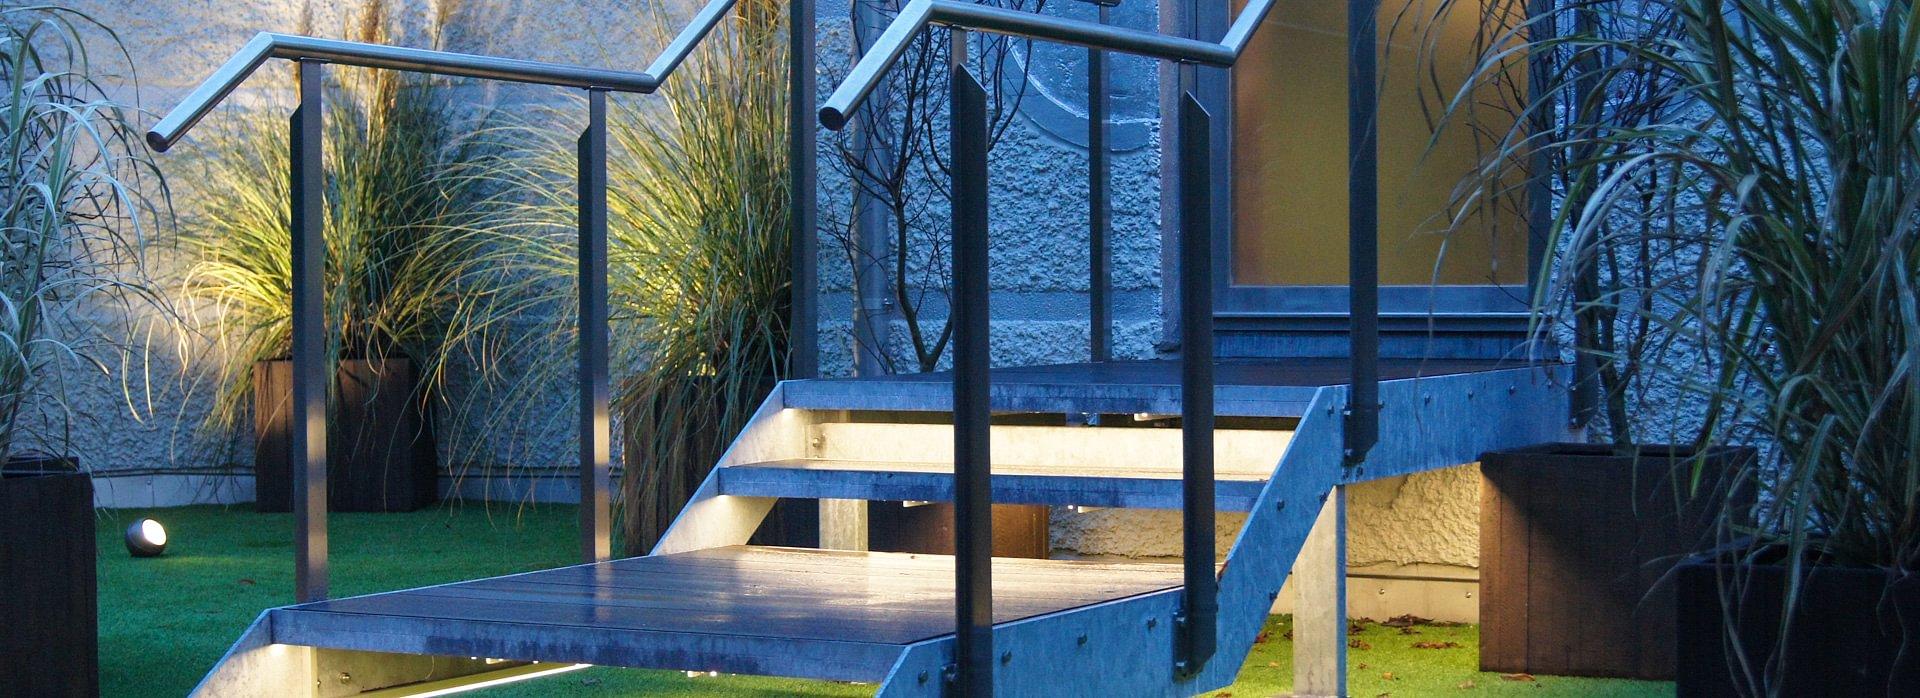 t scher glas metallbau gmbh in ostermundigen adresse. Black Bedroom Furniture Sets. Home Design Ideas